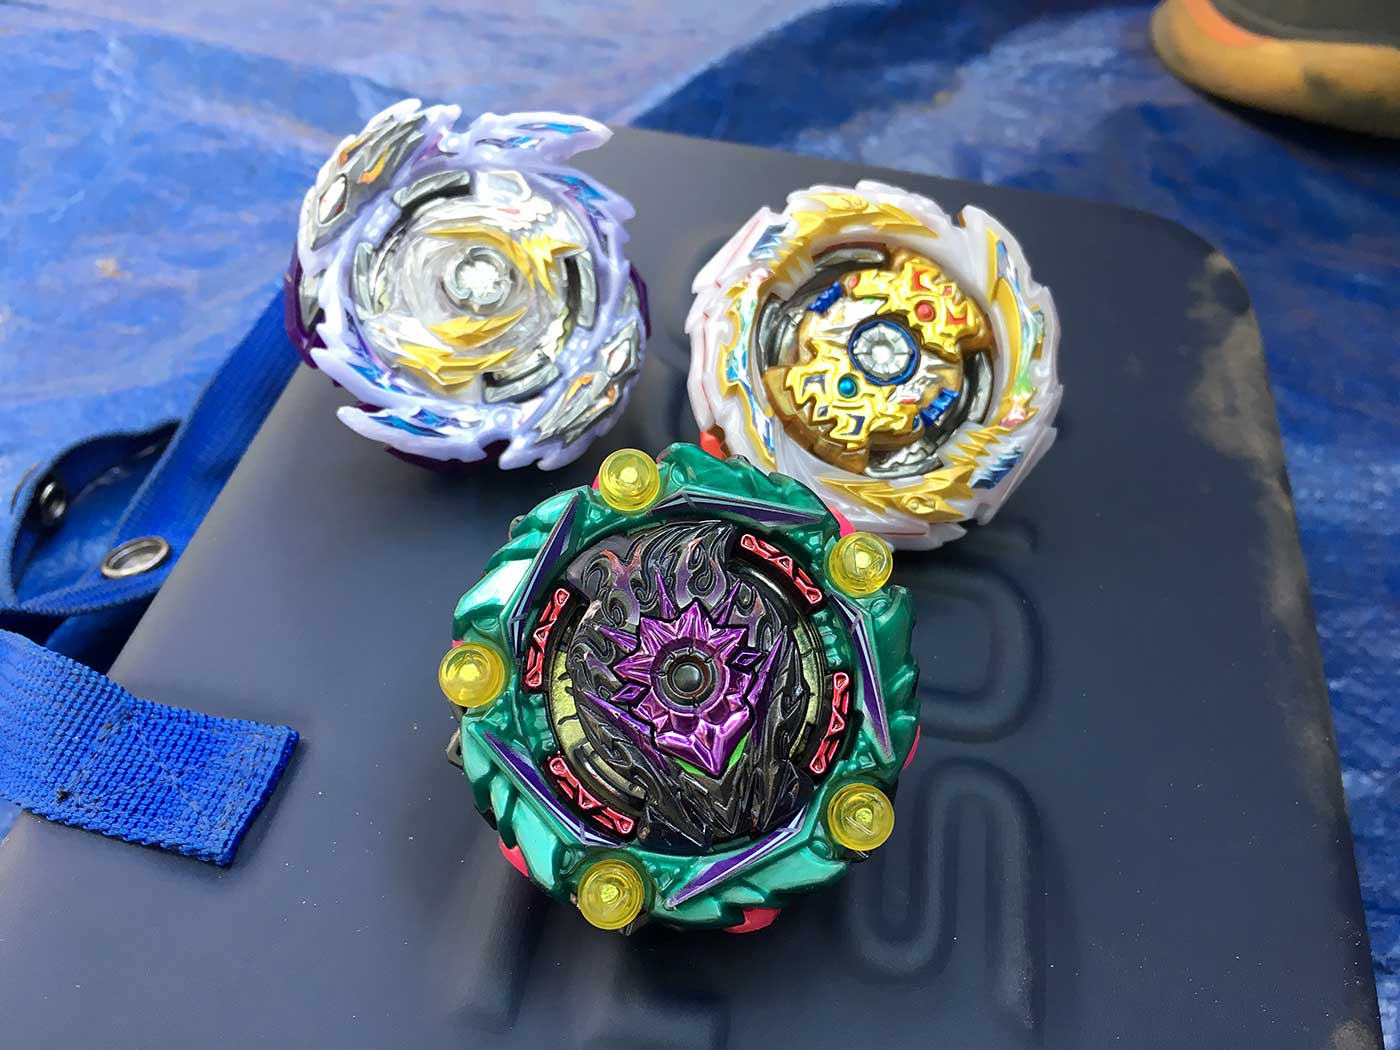 beyblade burst deck: rage diabolos destroy' 3a, tempest solomon metal chip core xtend+ 2A, curse lucifer mobius 2d